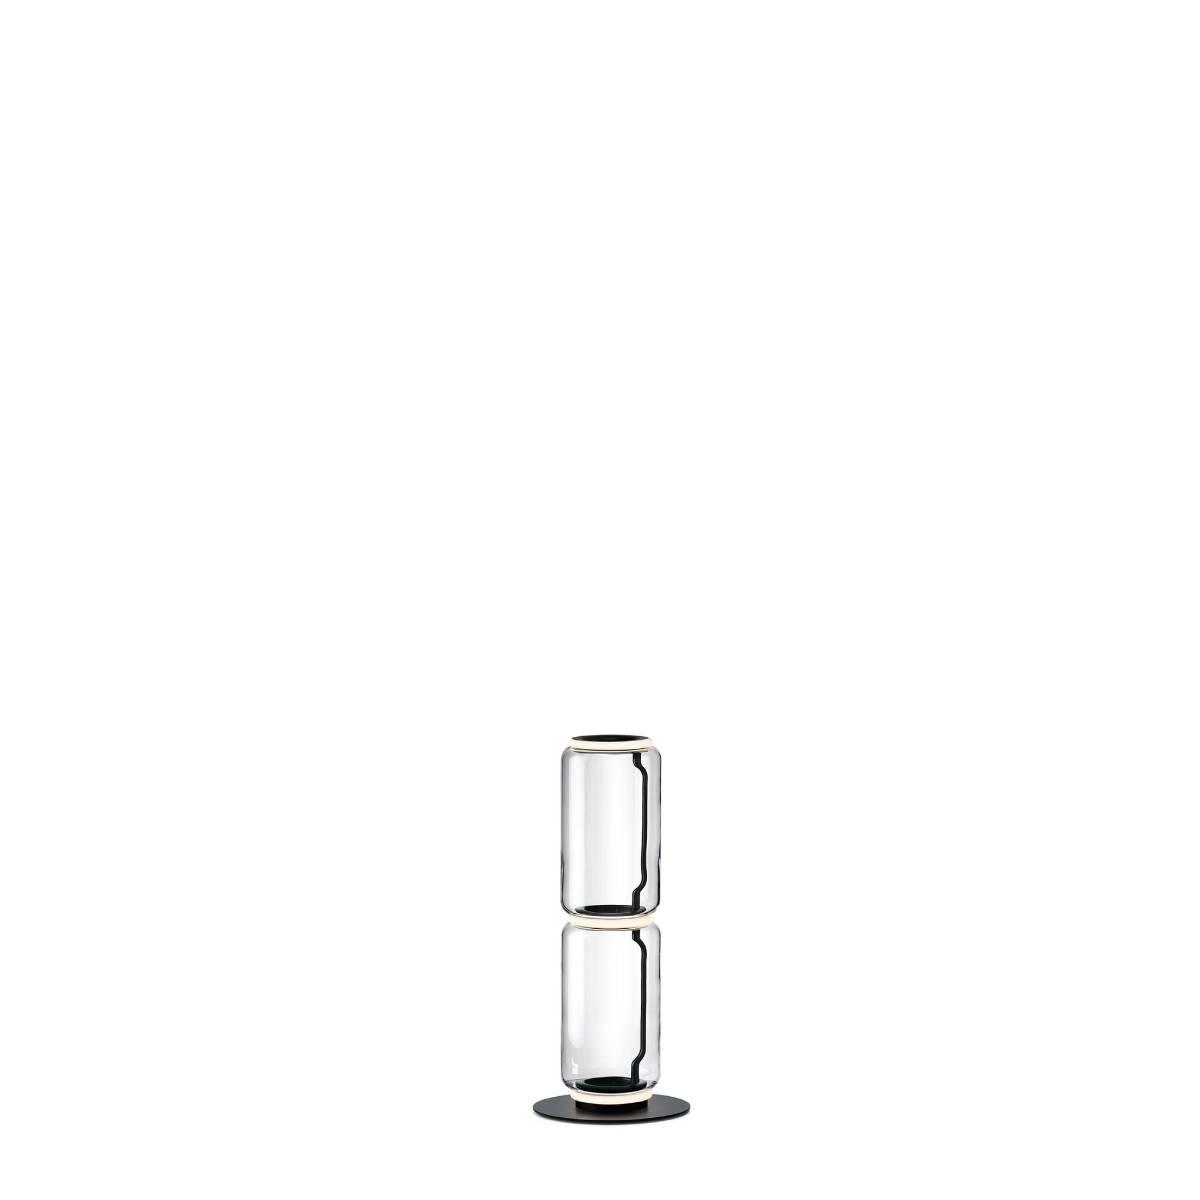 Flos Noctambule F2 Low Cylinders Small Base Vloerlamp